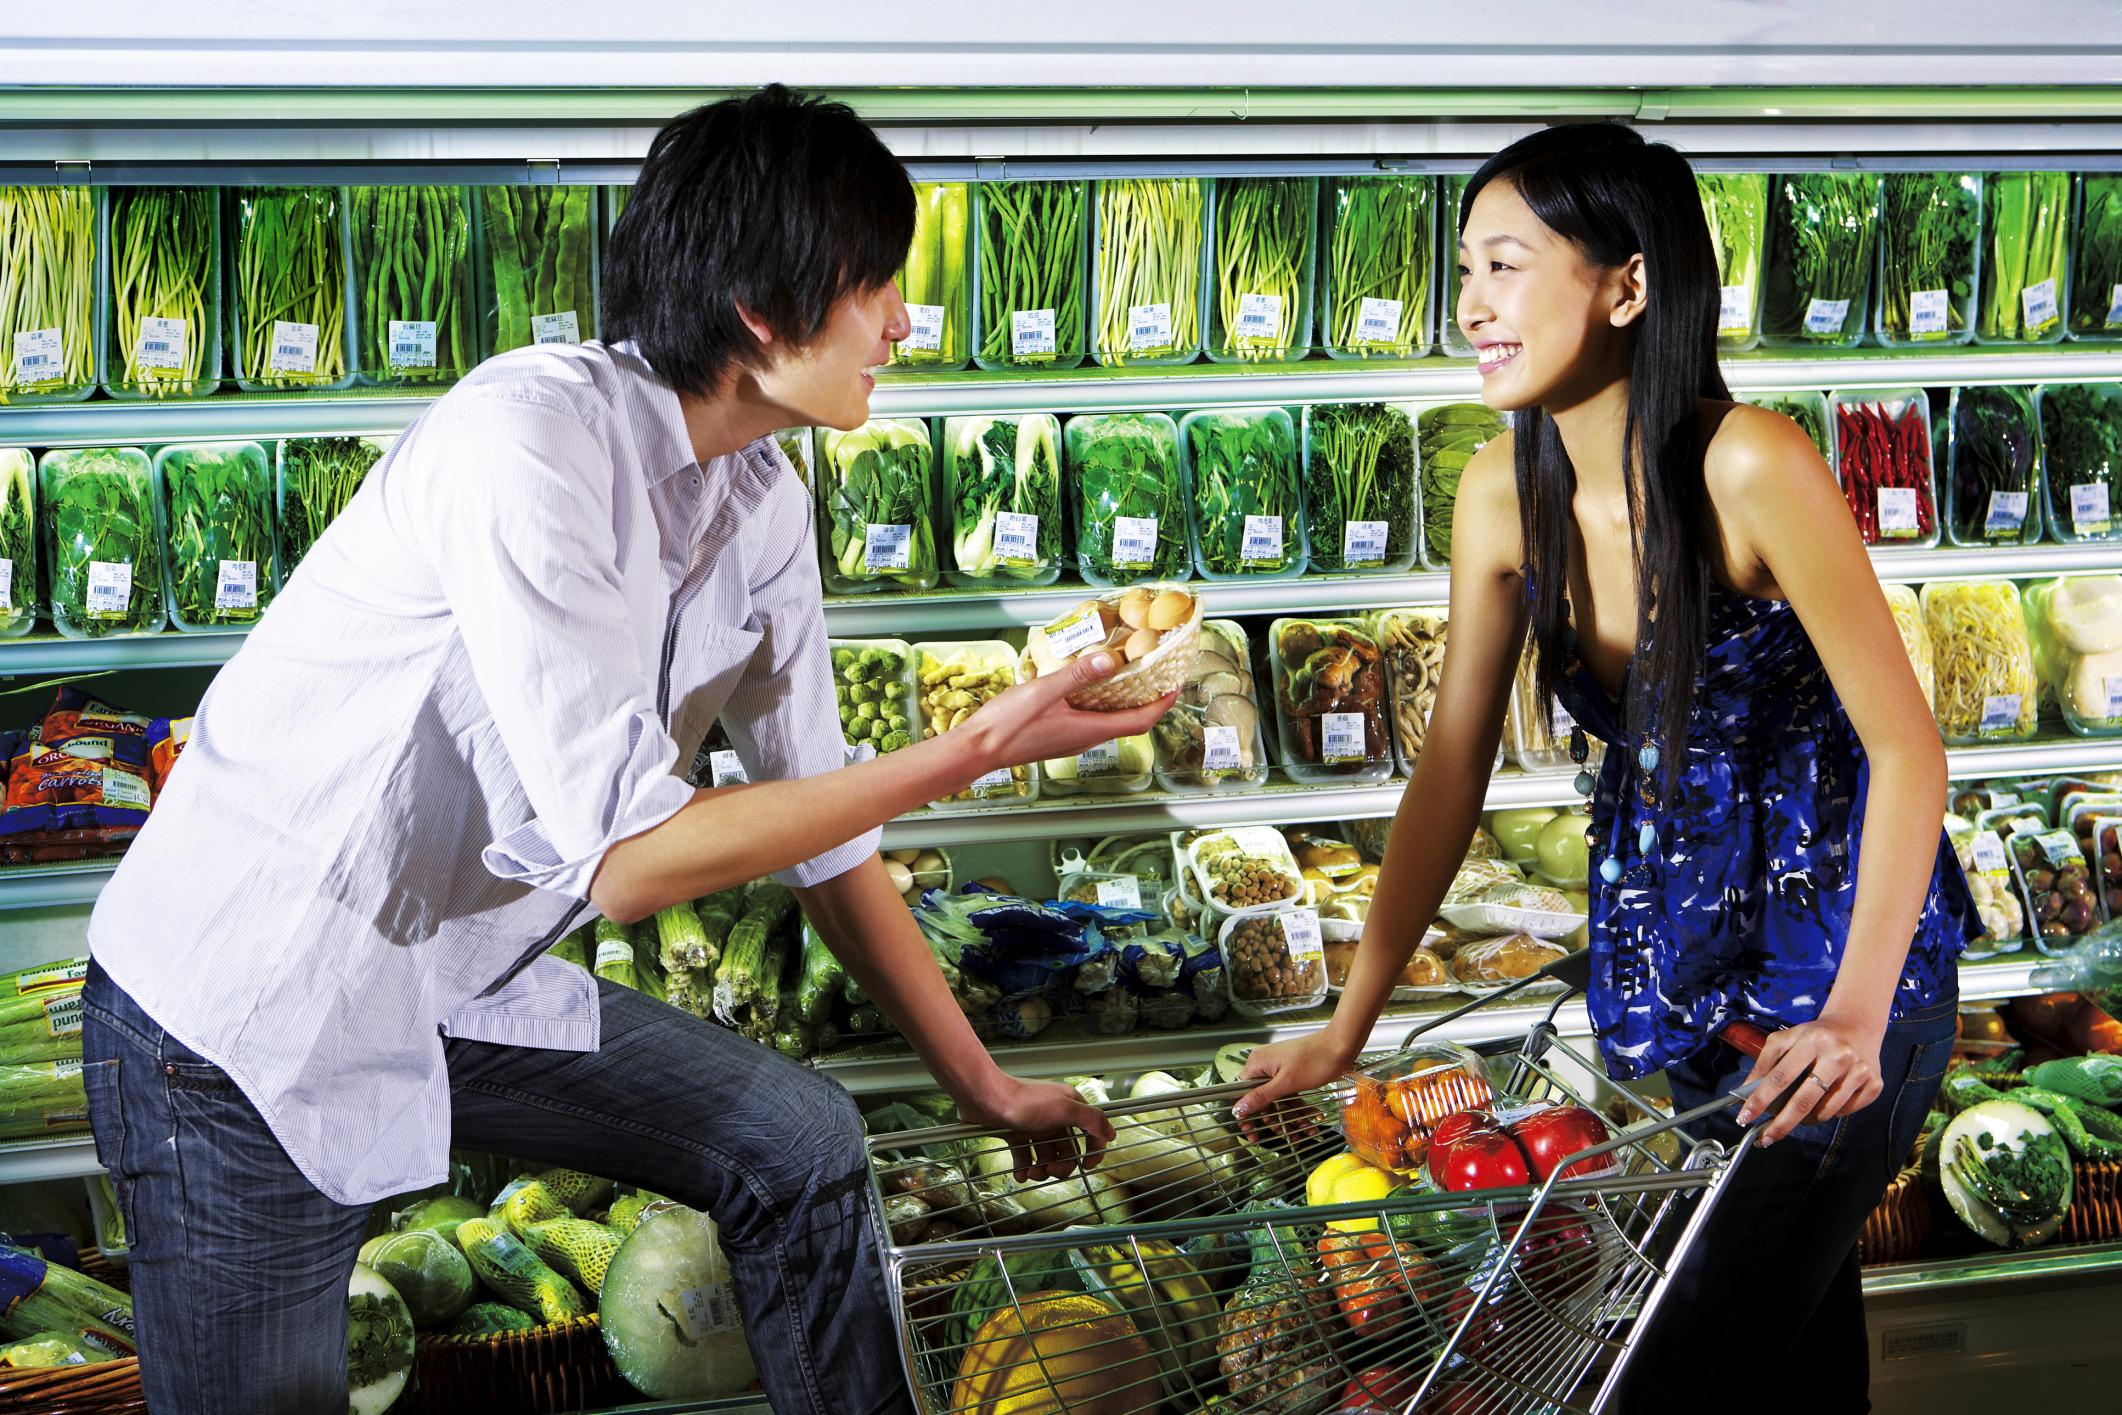 Una pareja de chinos comprando en un supermercado